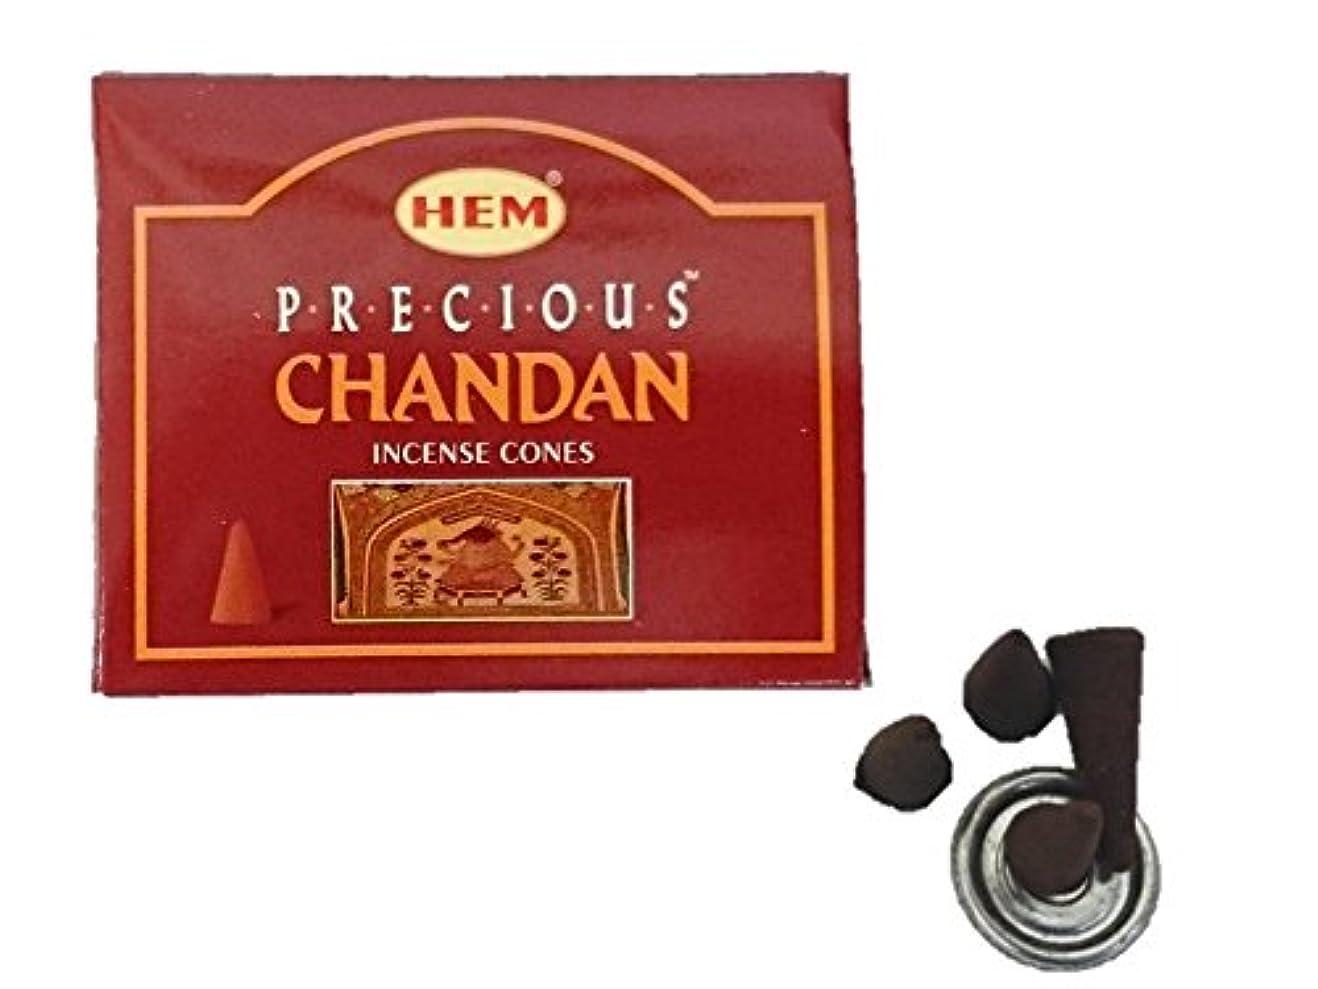 ダーベビルのテスパブ意識HEM(ヘム)お香 プレシャス チャンダン コーン 1箱